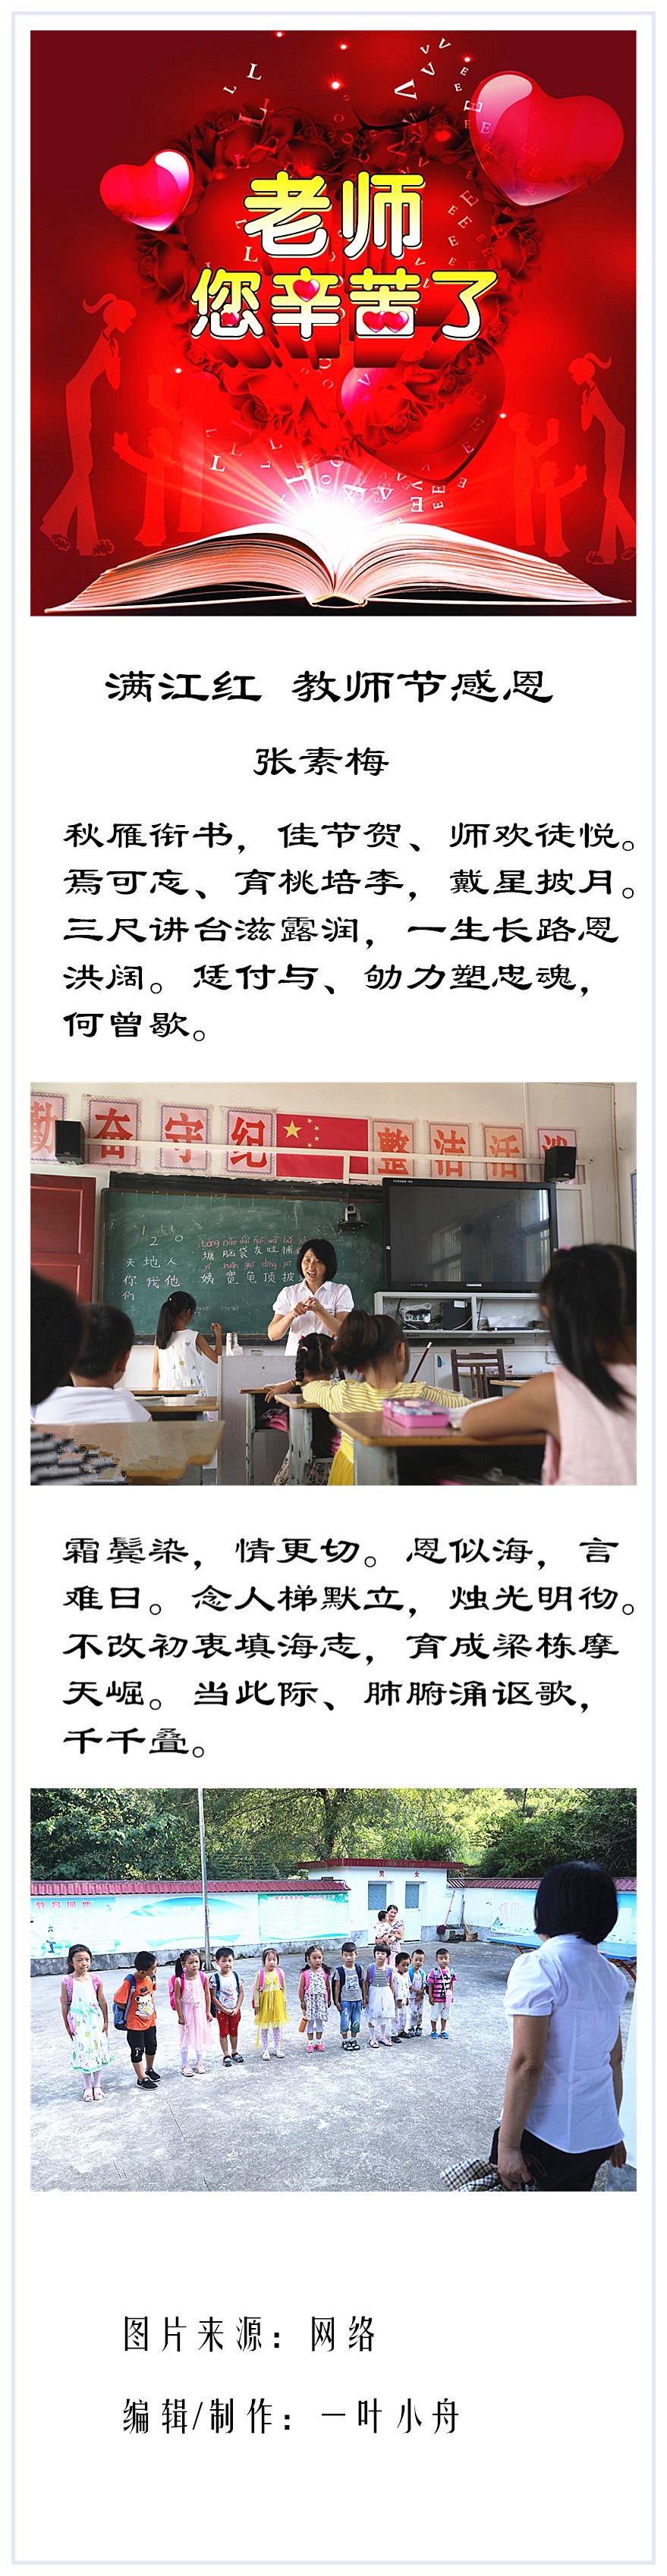 新教师节感恩诗合成